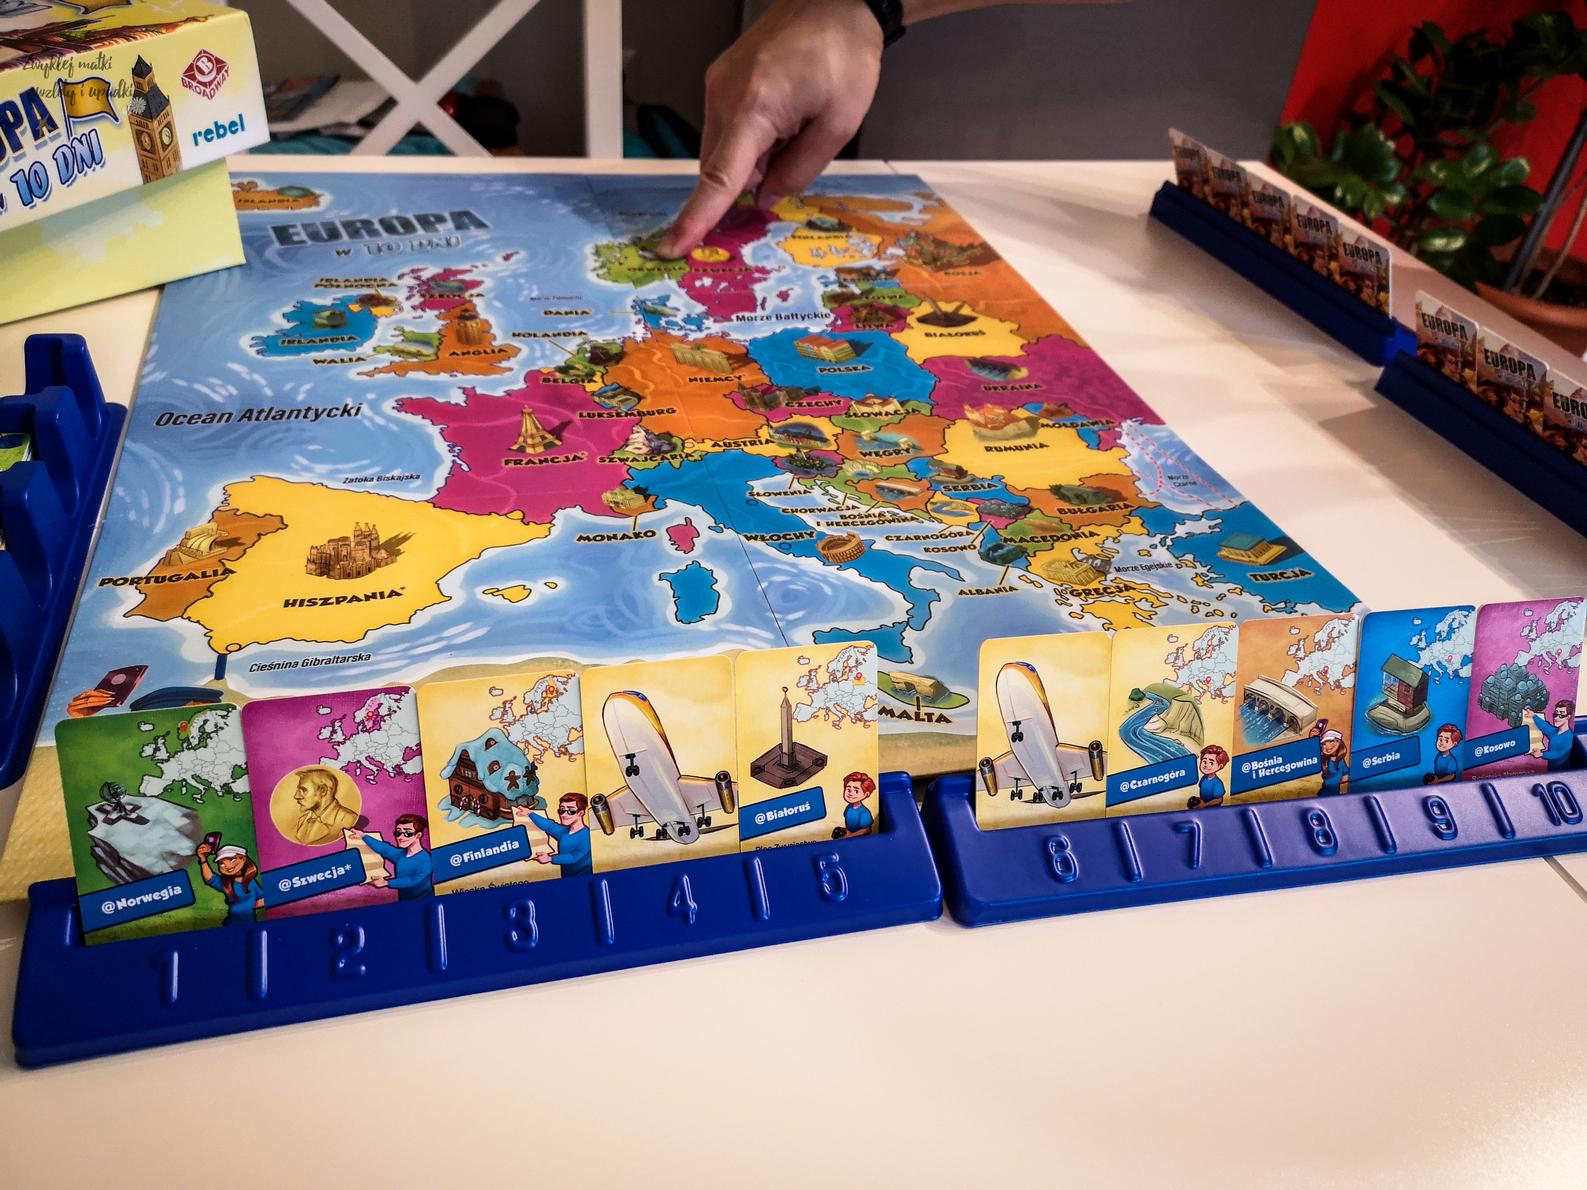 Sposób na jesień, czyli pograjmy razem, Europa w 10 dni